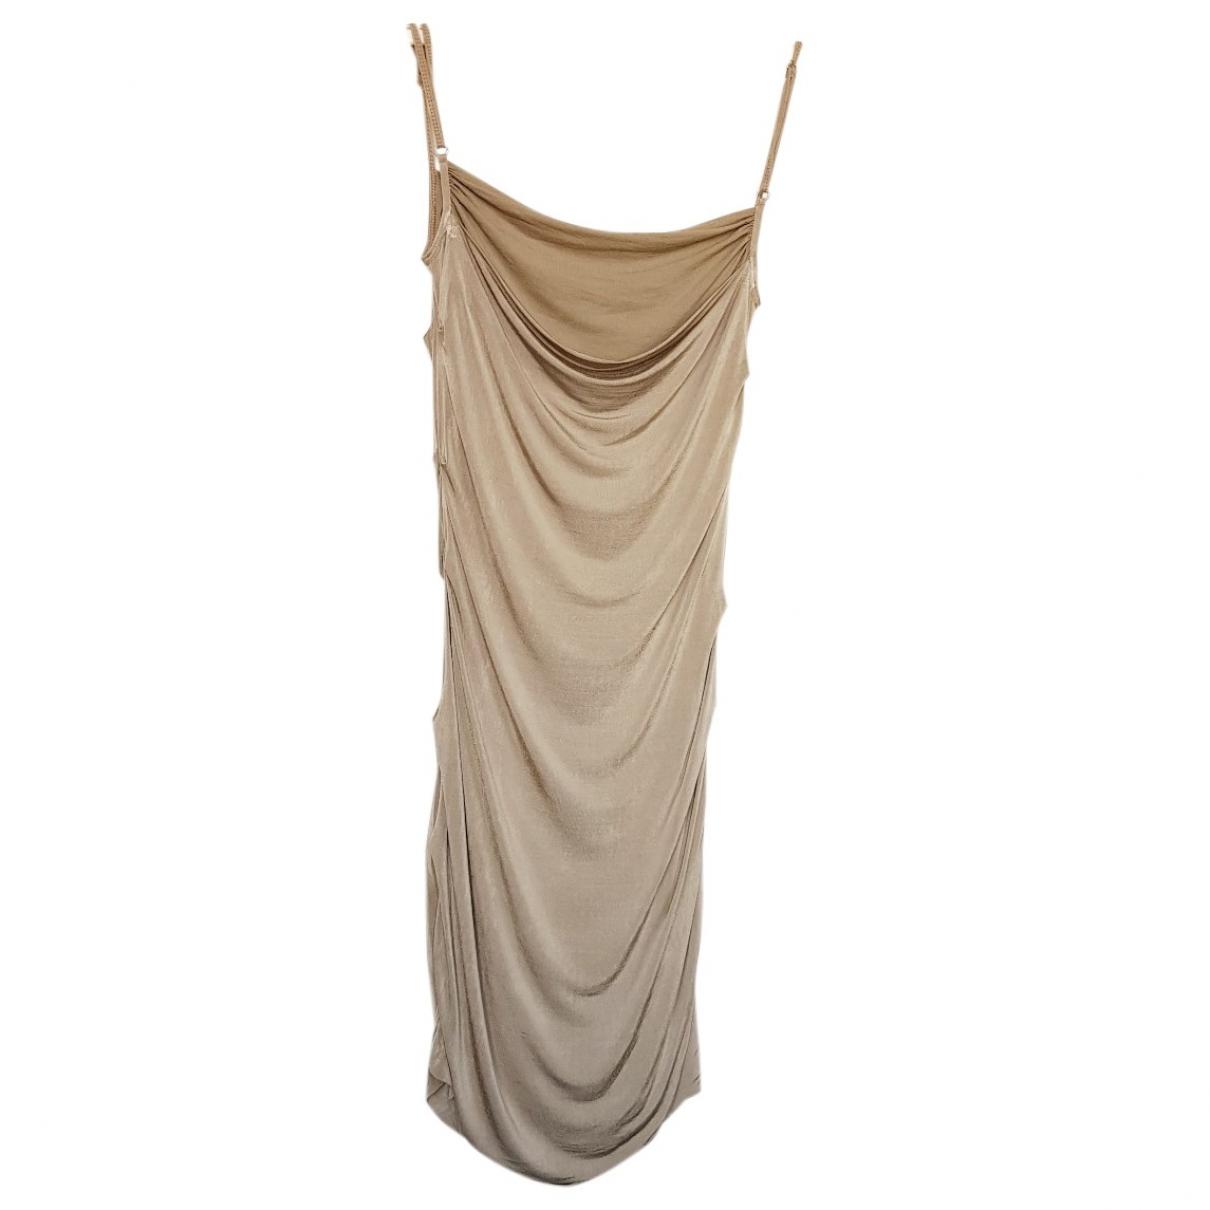 Plein Sud \N Gold dress for Women 36 FR